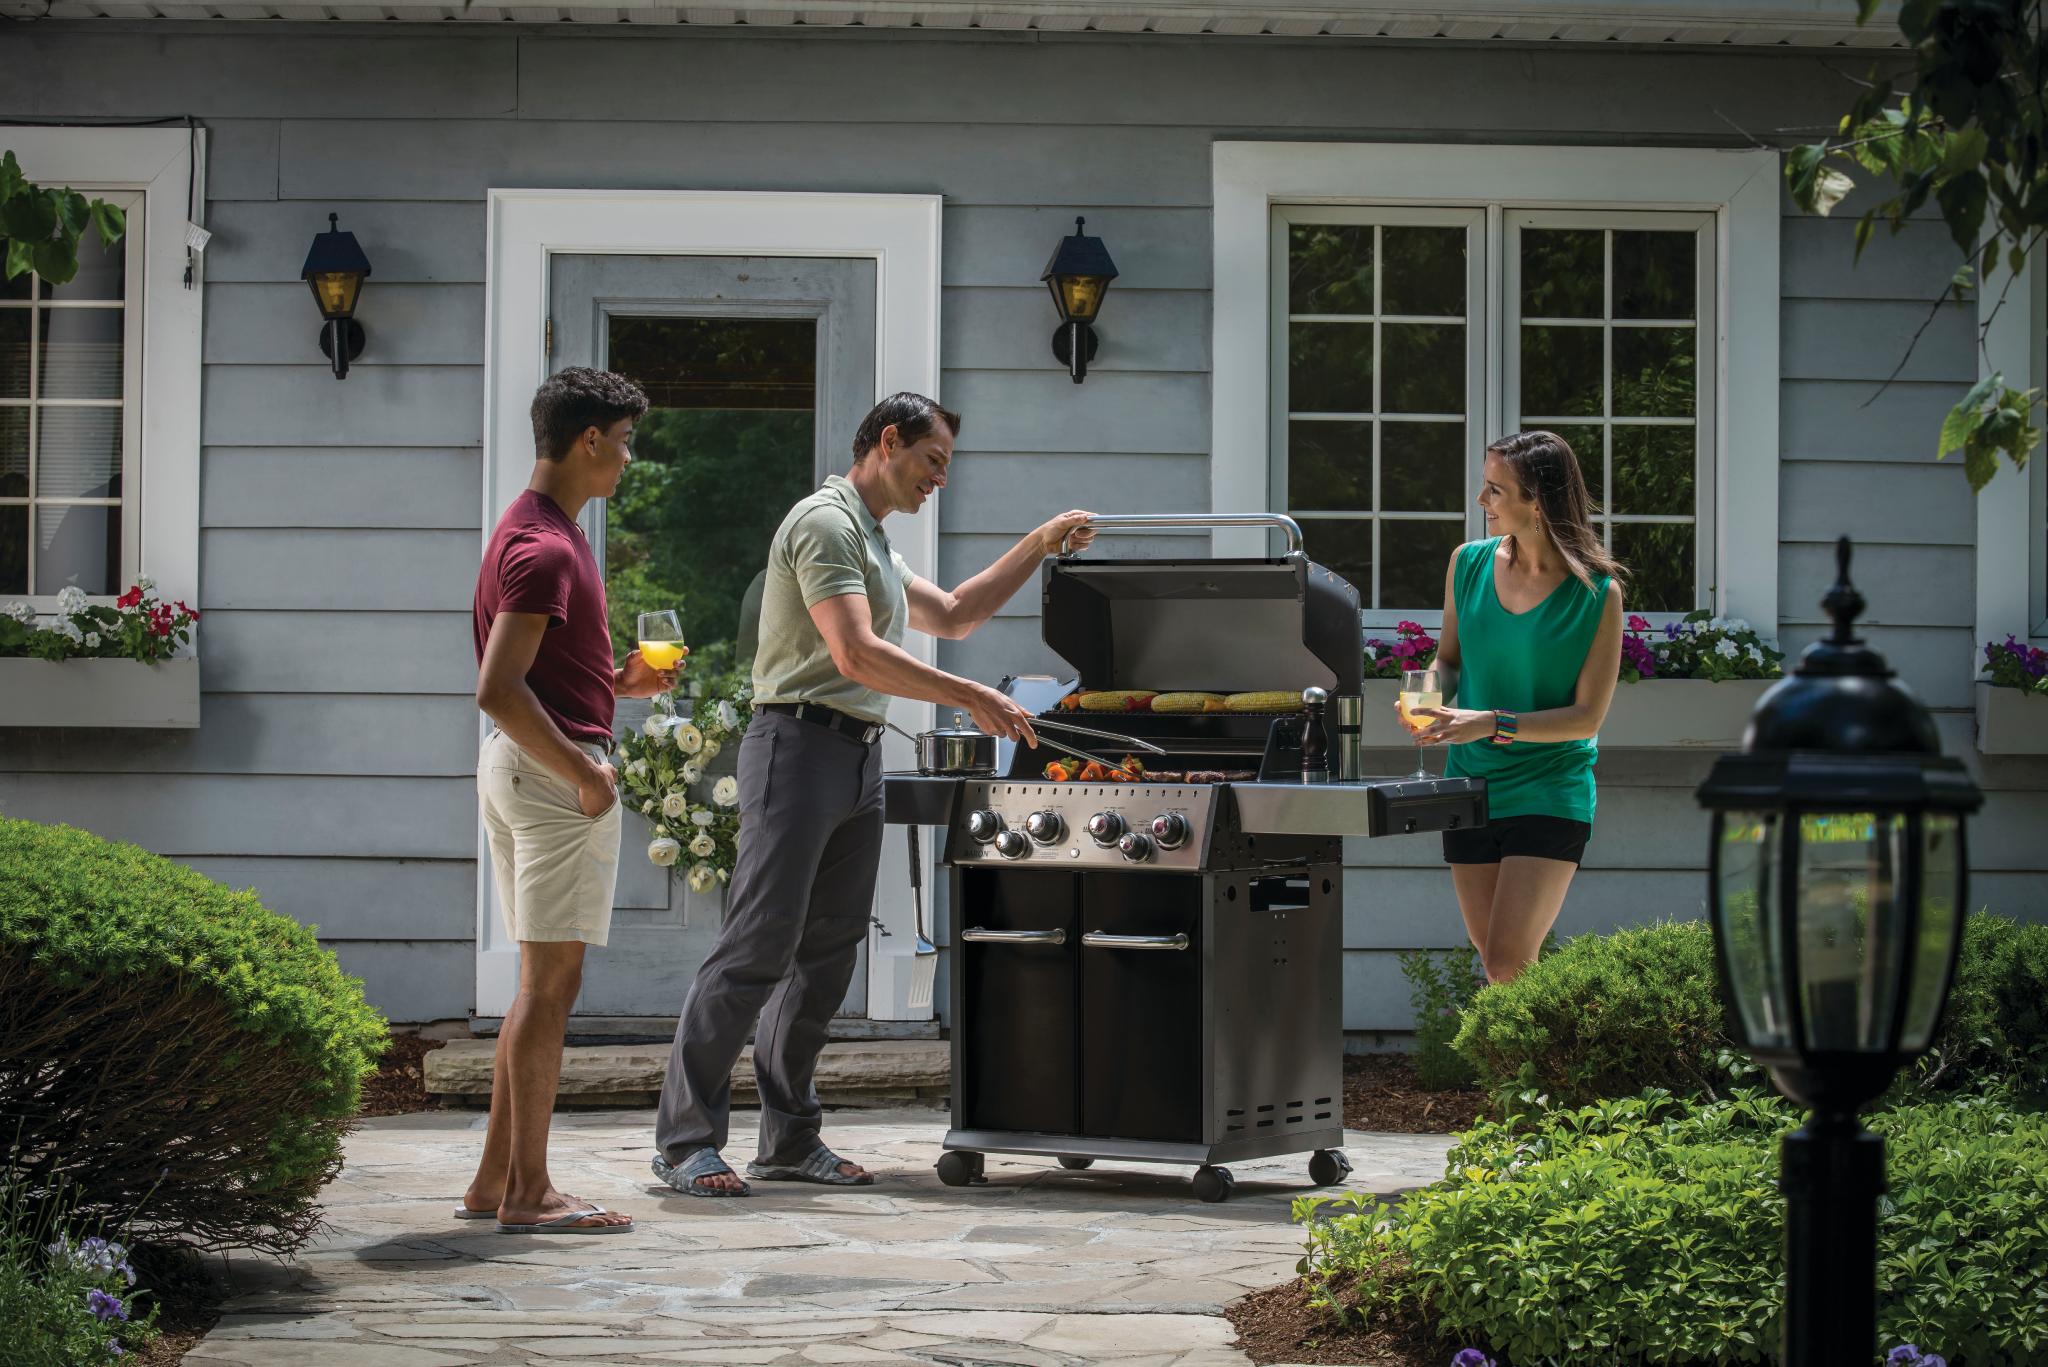 Grill vásárlási útmutató: Hogyan vásárolja meg a megfelelő grillt az Ön számára